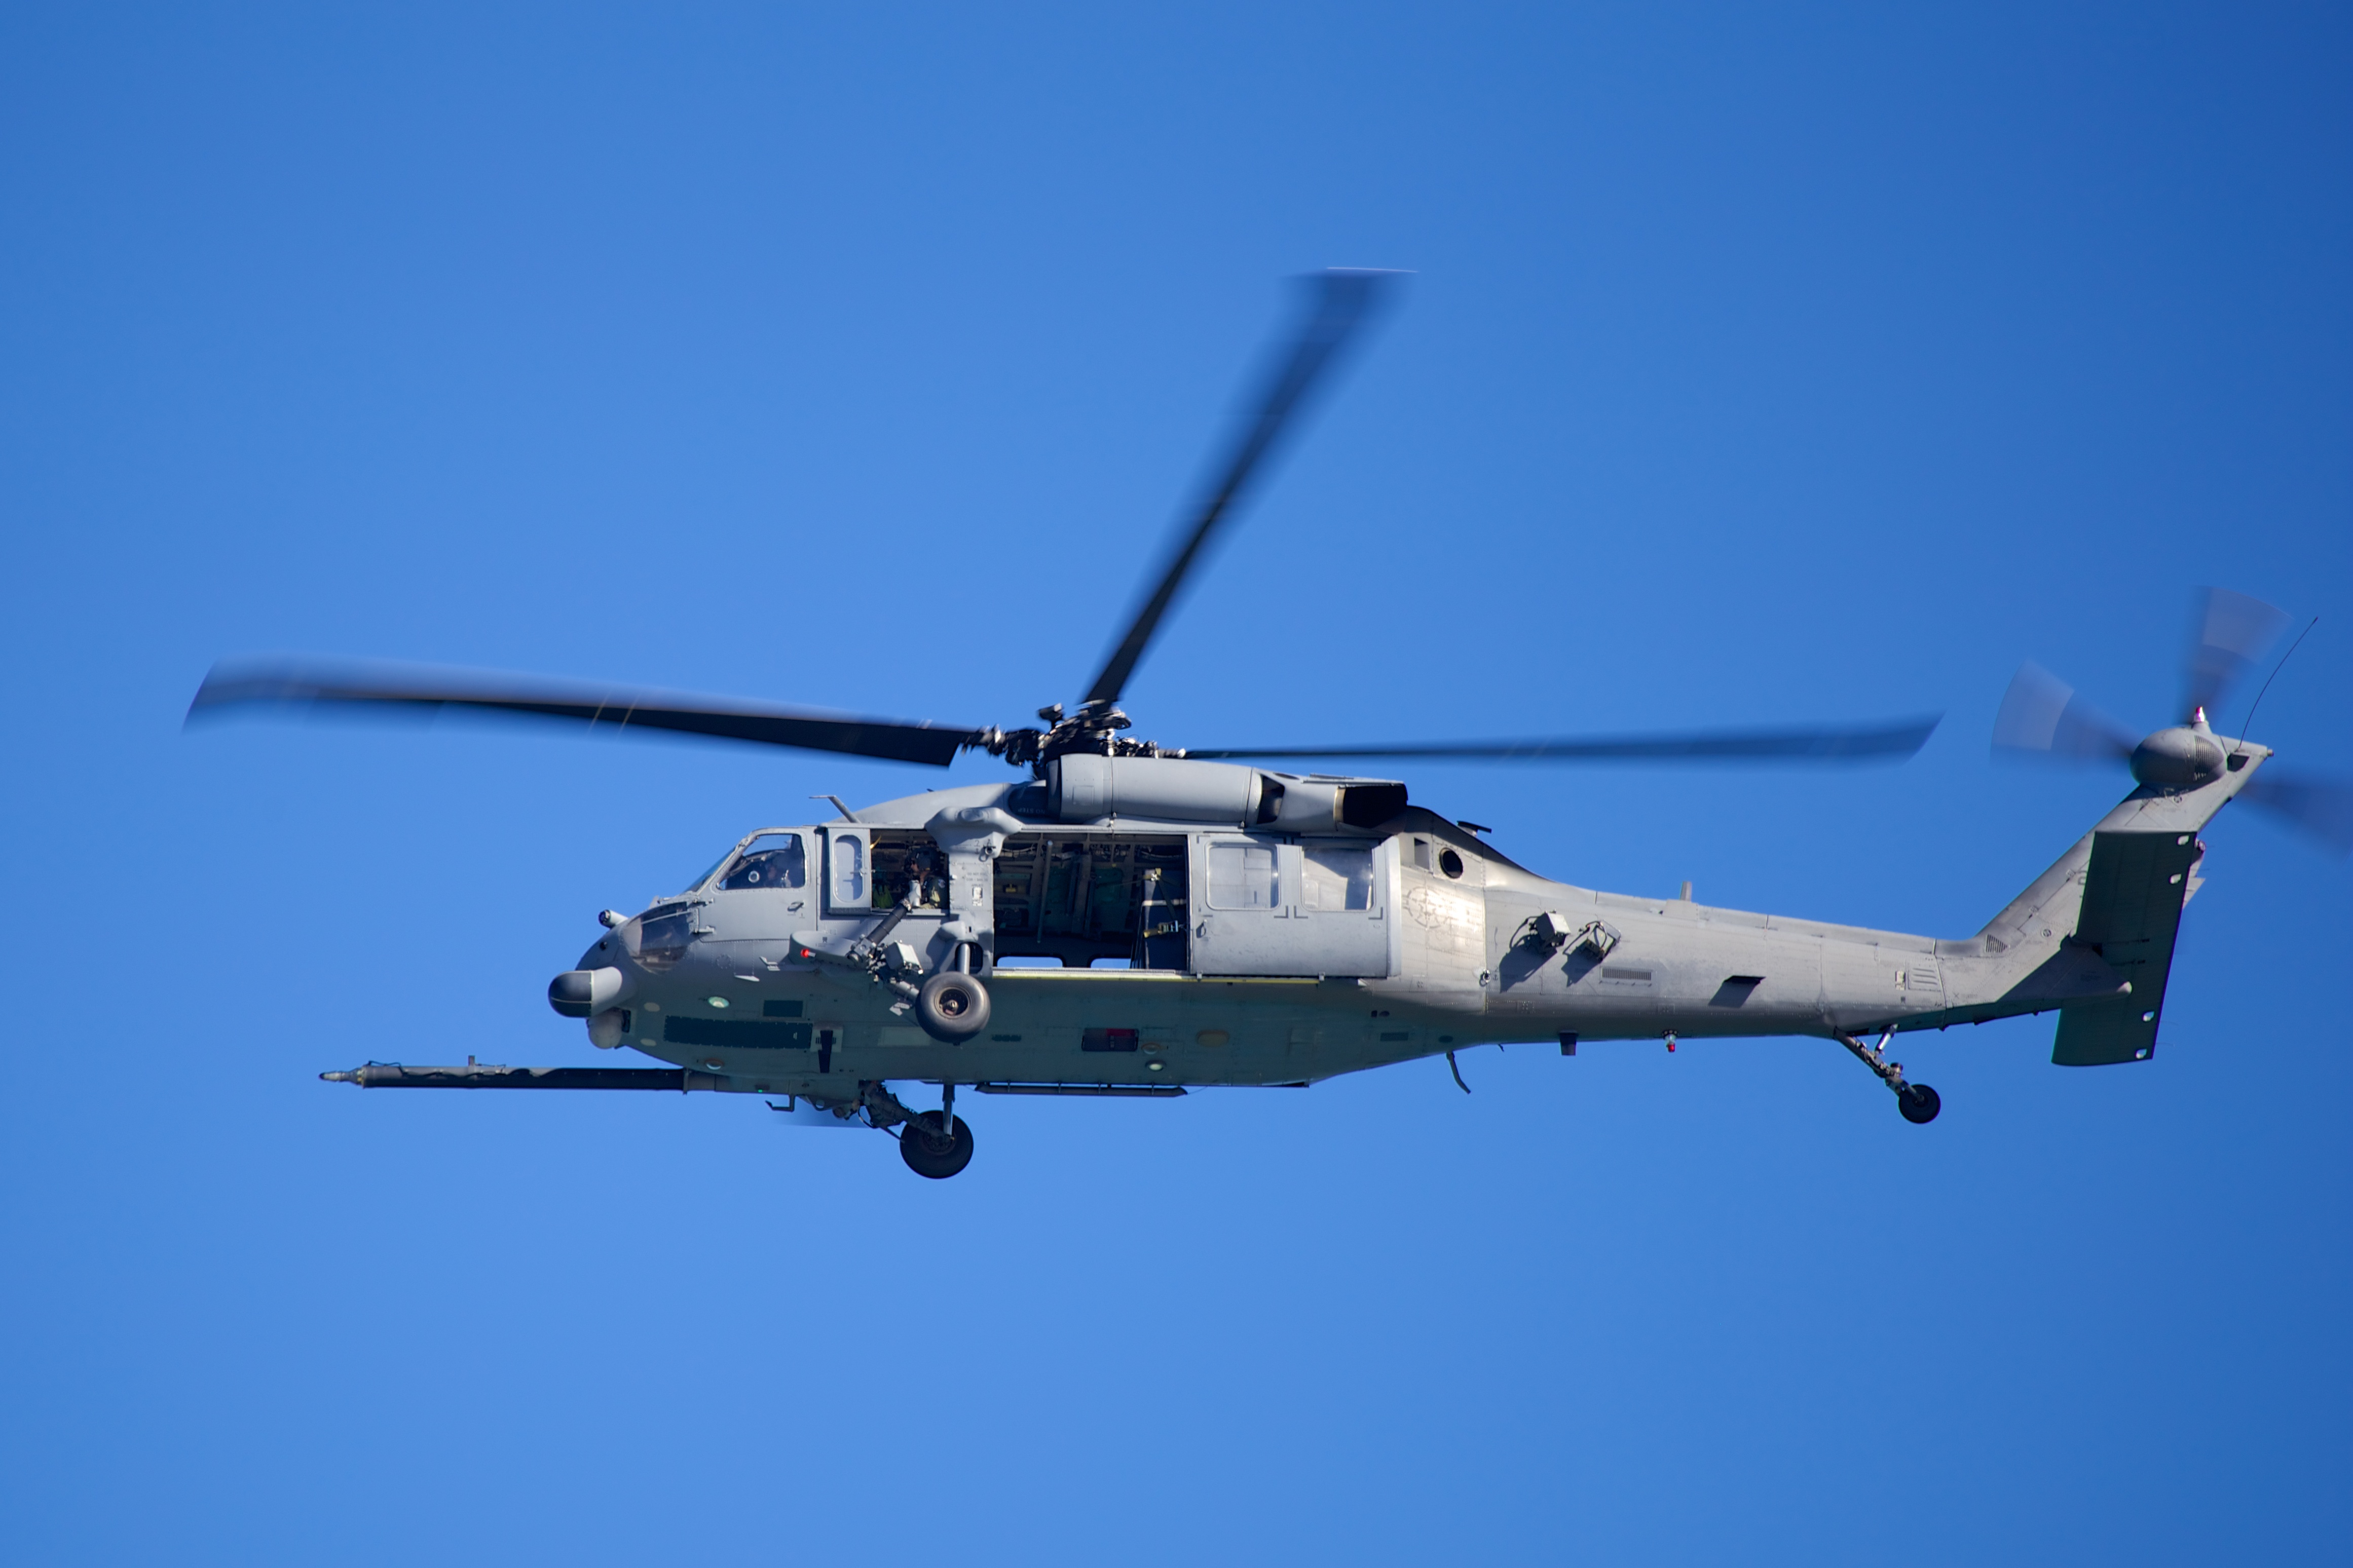 Un elicopter s-a prăbuşit în Pacific. Cinci membri ai echipajului daţi dispăruţi, declaraţi decedaţi